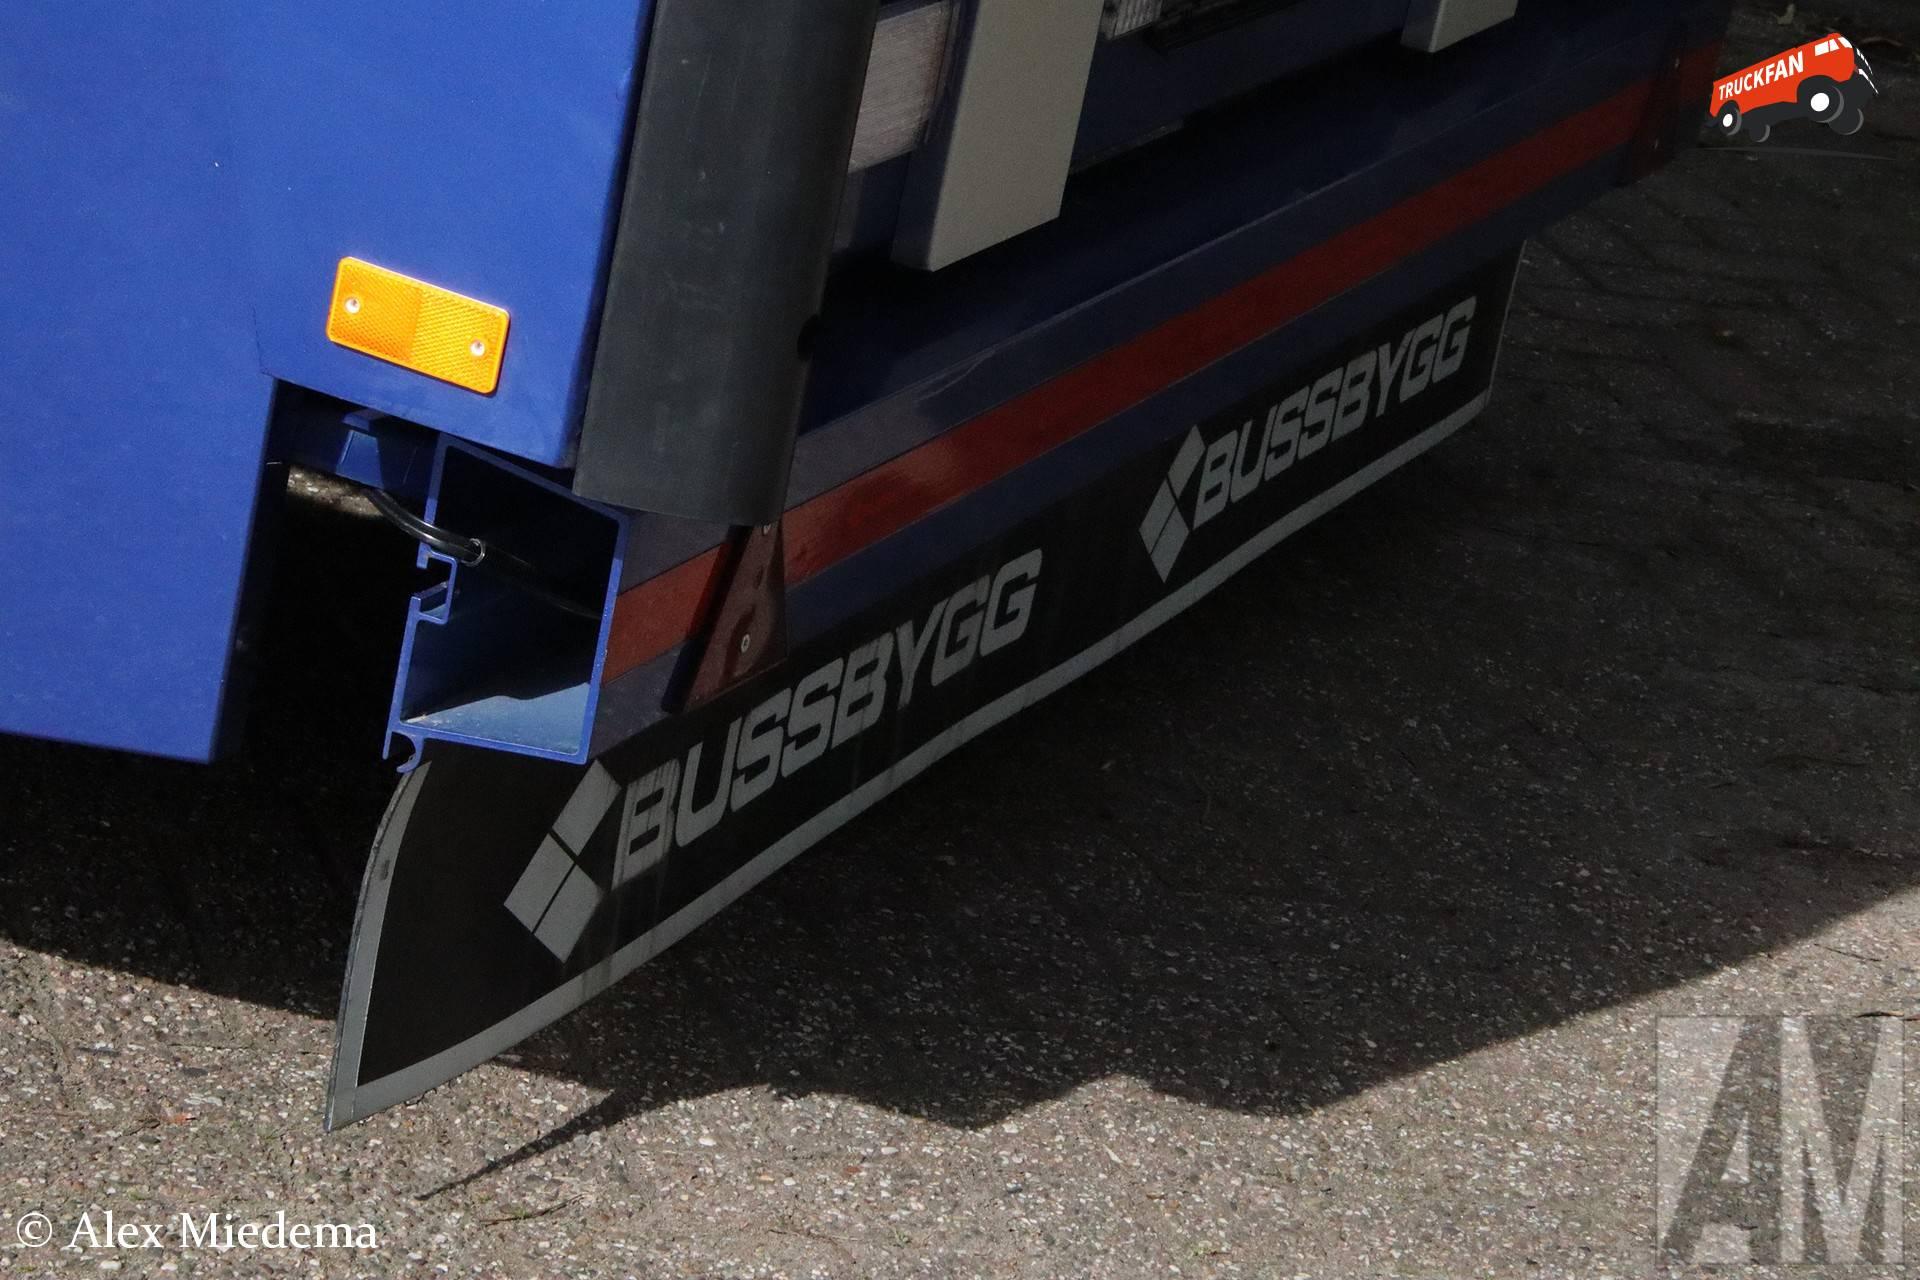 Bussbygg aanhangwagen